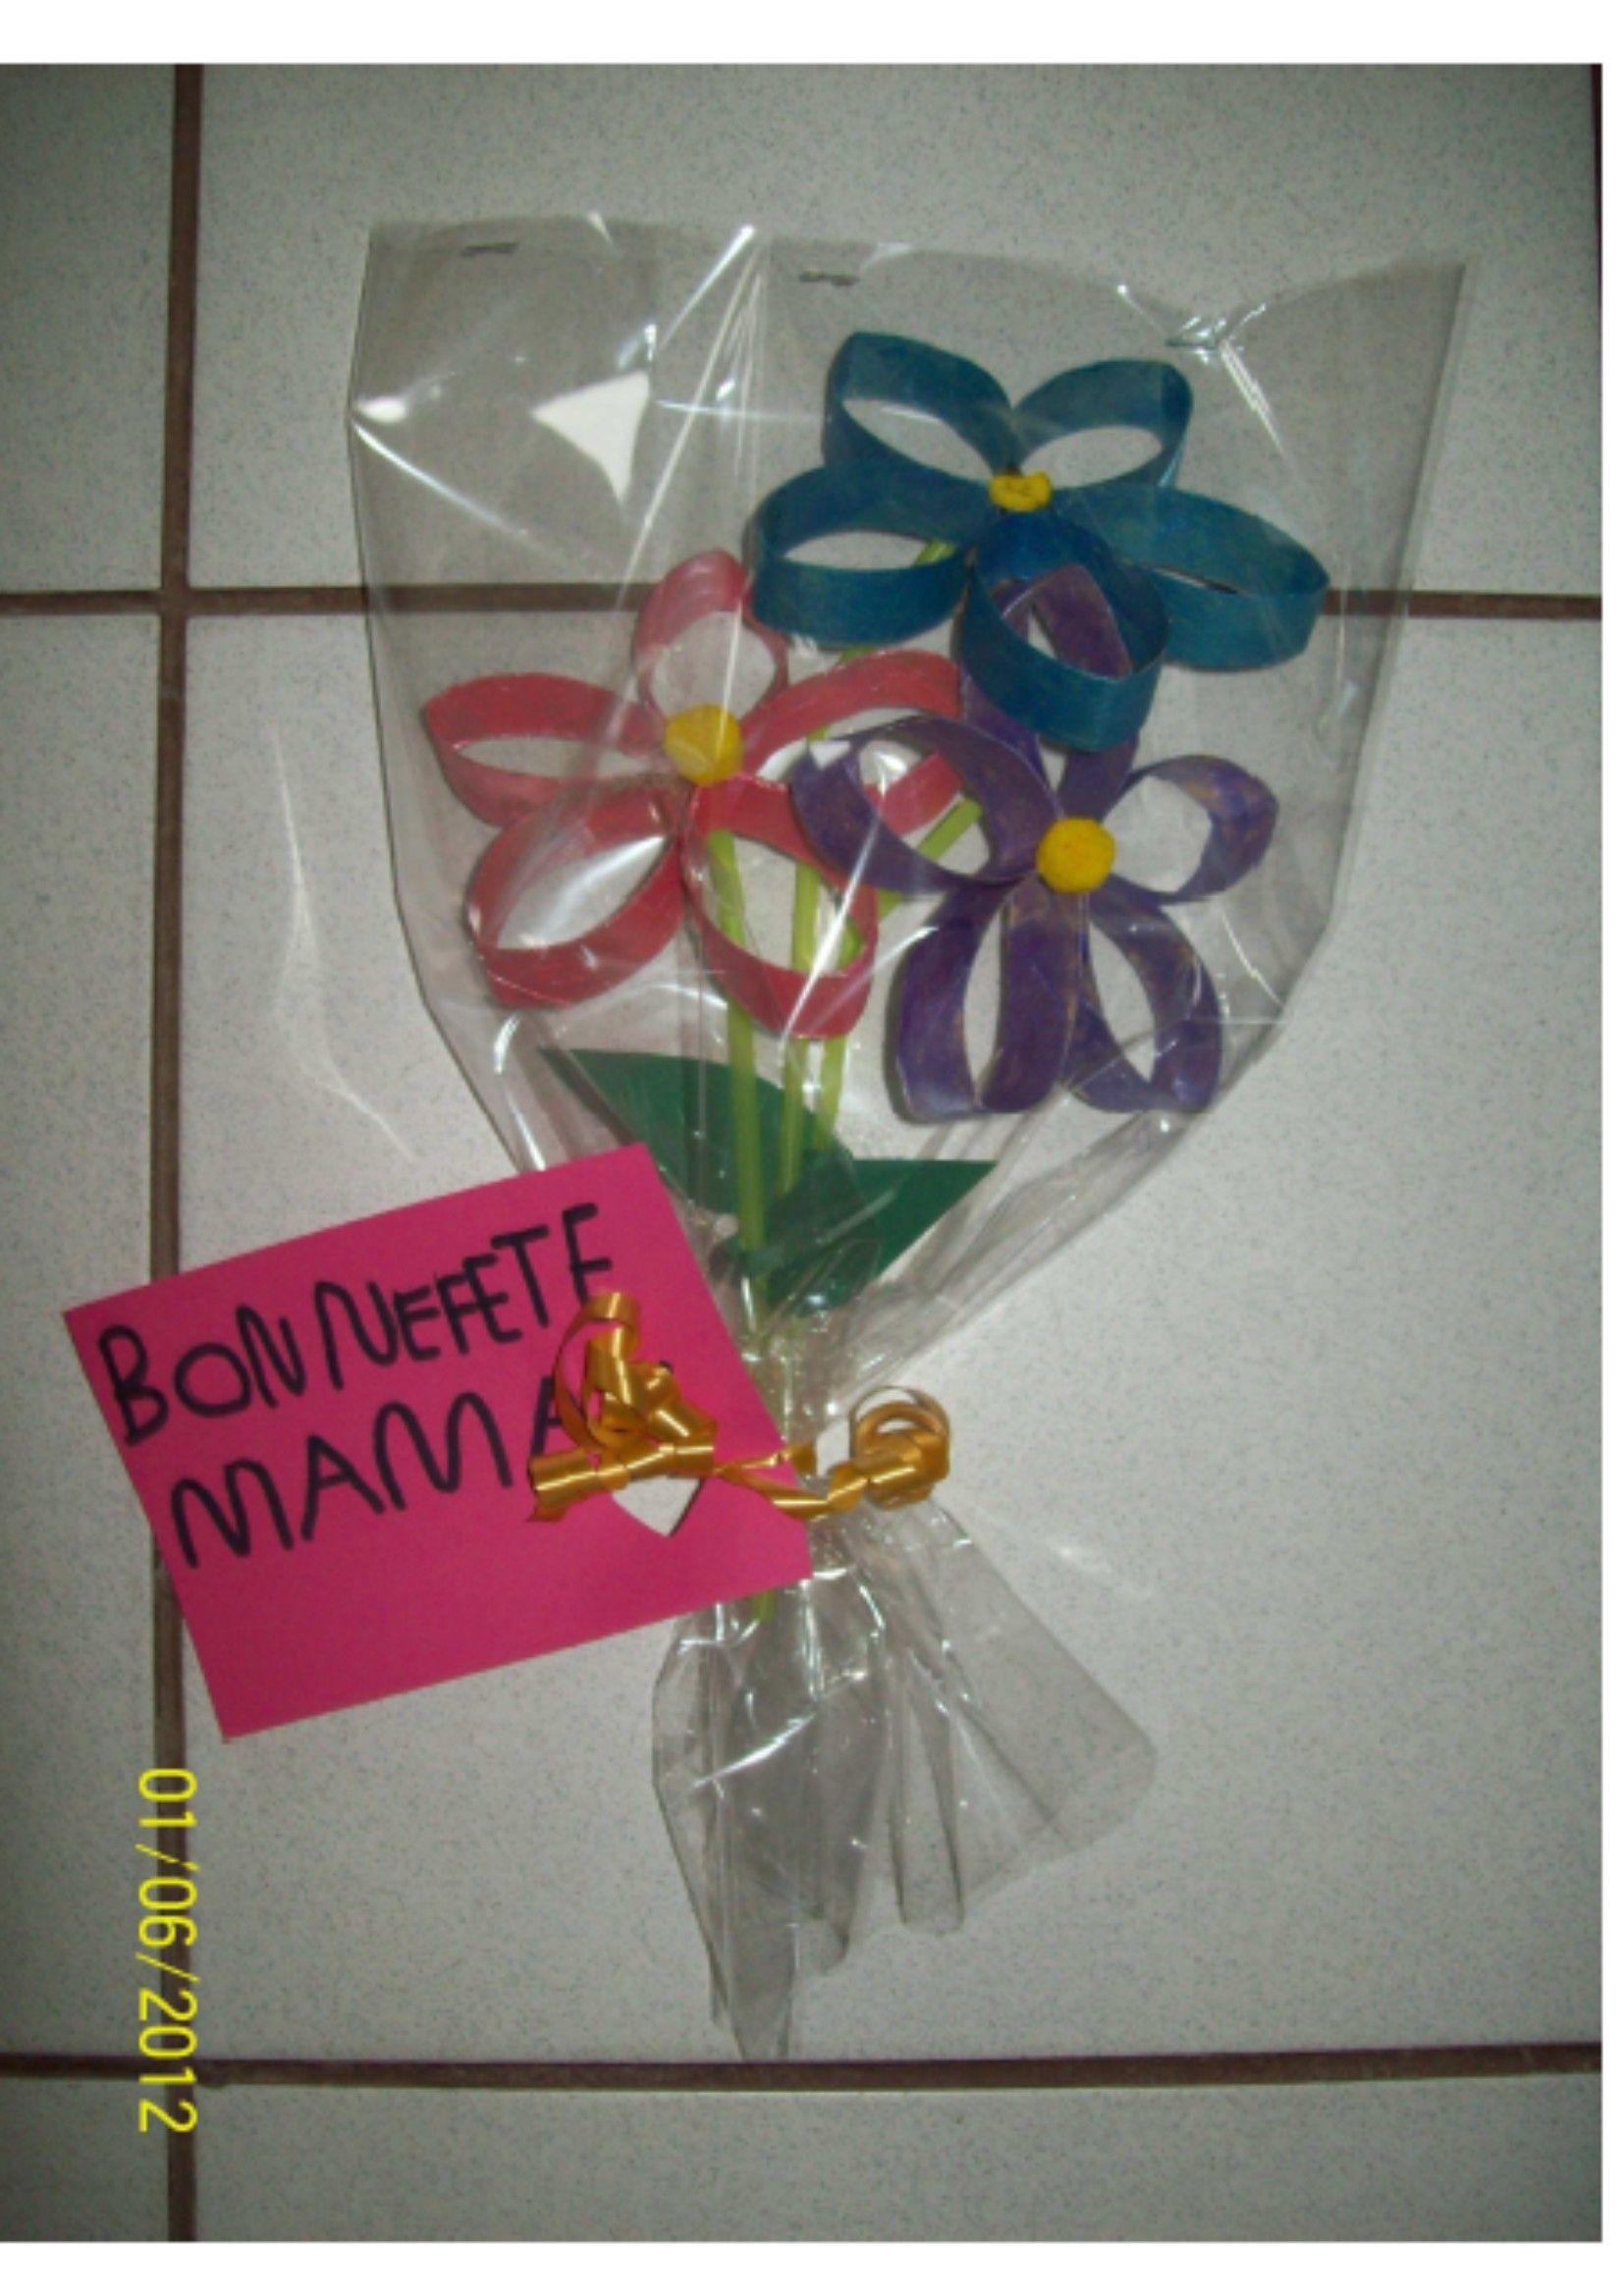 bouquet de fleurs recup 39 ps ms gs fete des meres 2012 f tes pinterest ps f te des m res. Black Bedroom Furniture Sets. Home Design Ideas